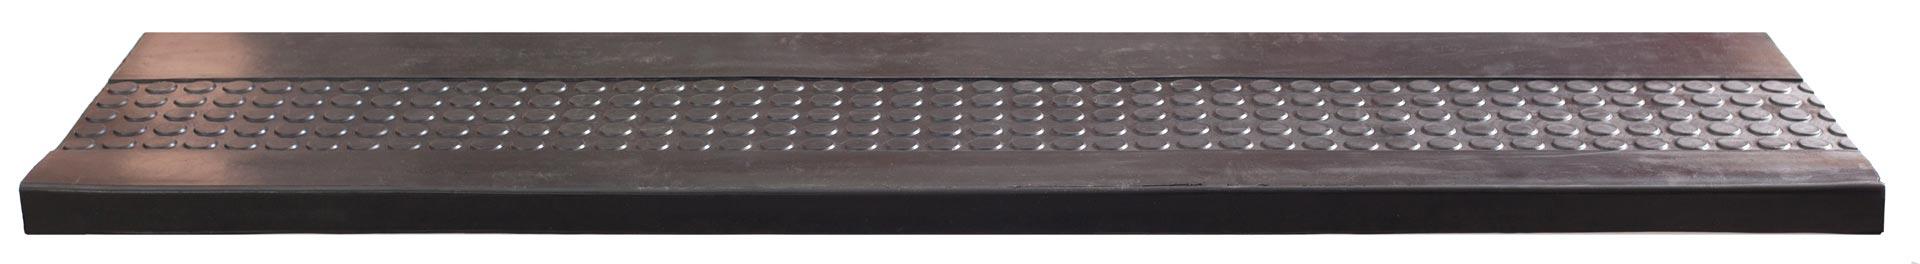 Удлиненная проступь 1200мм, лестничная накладка на ступень